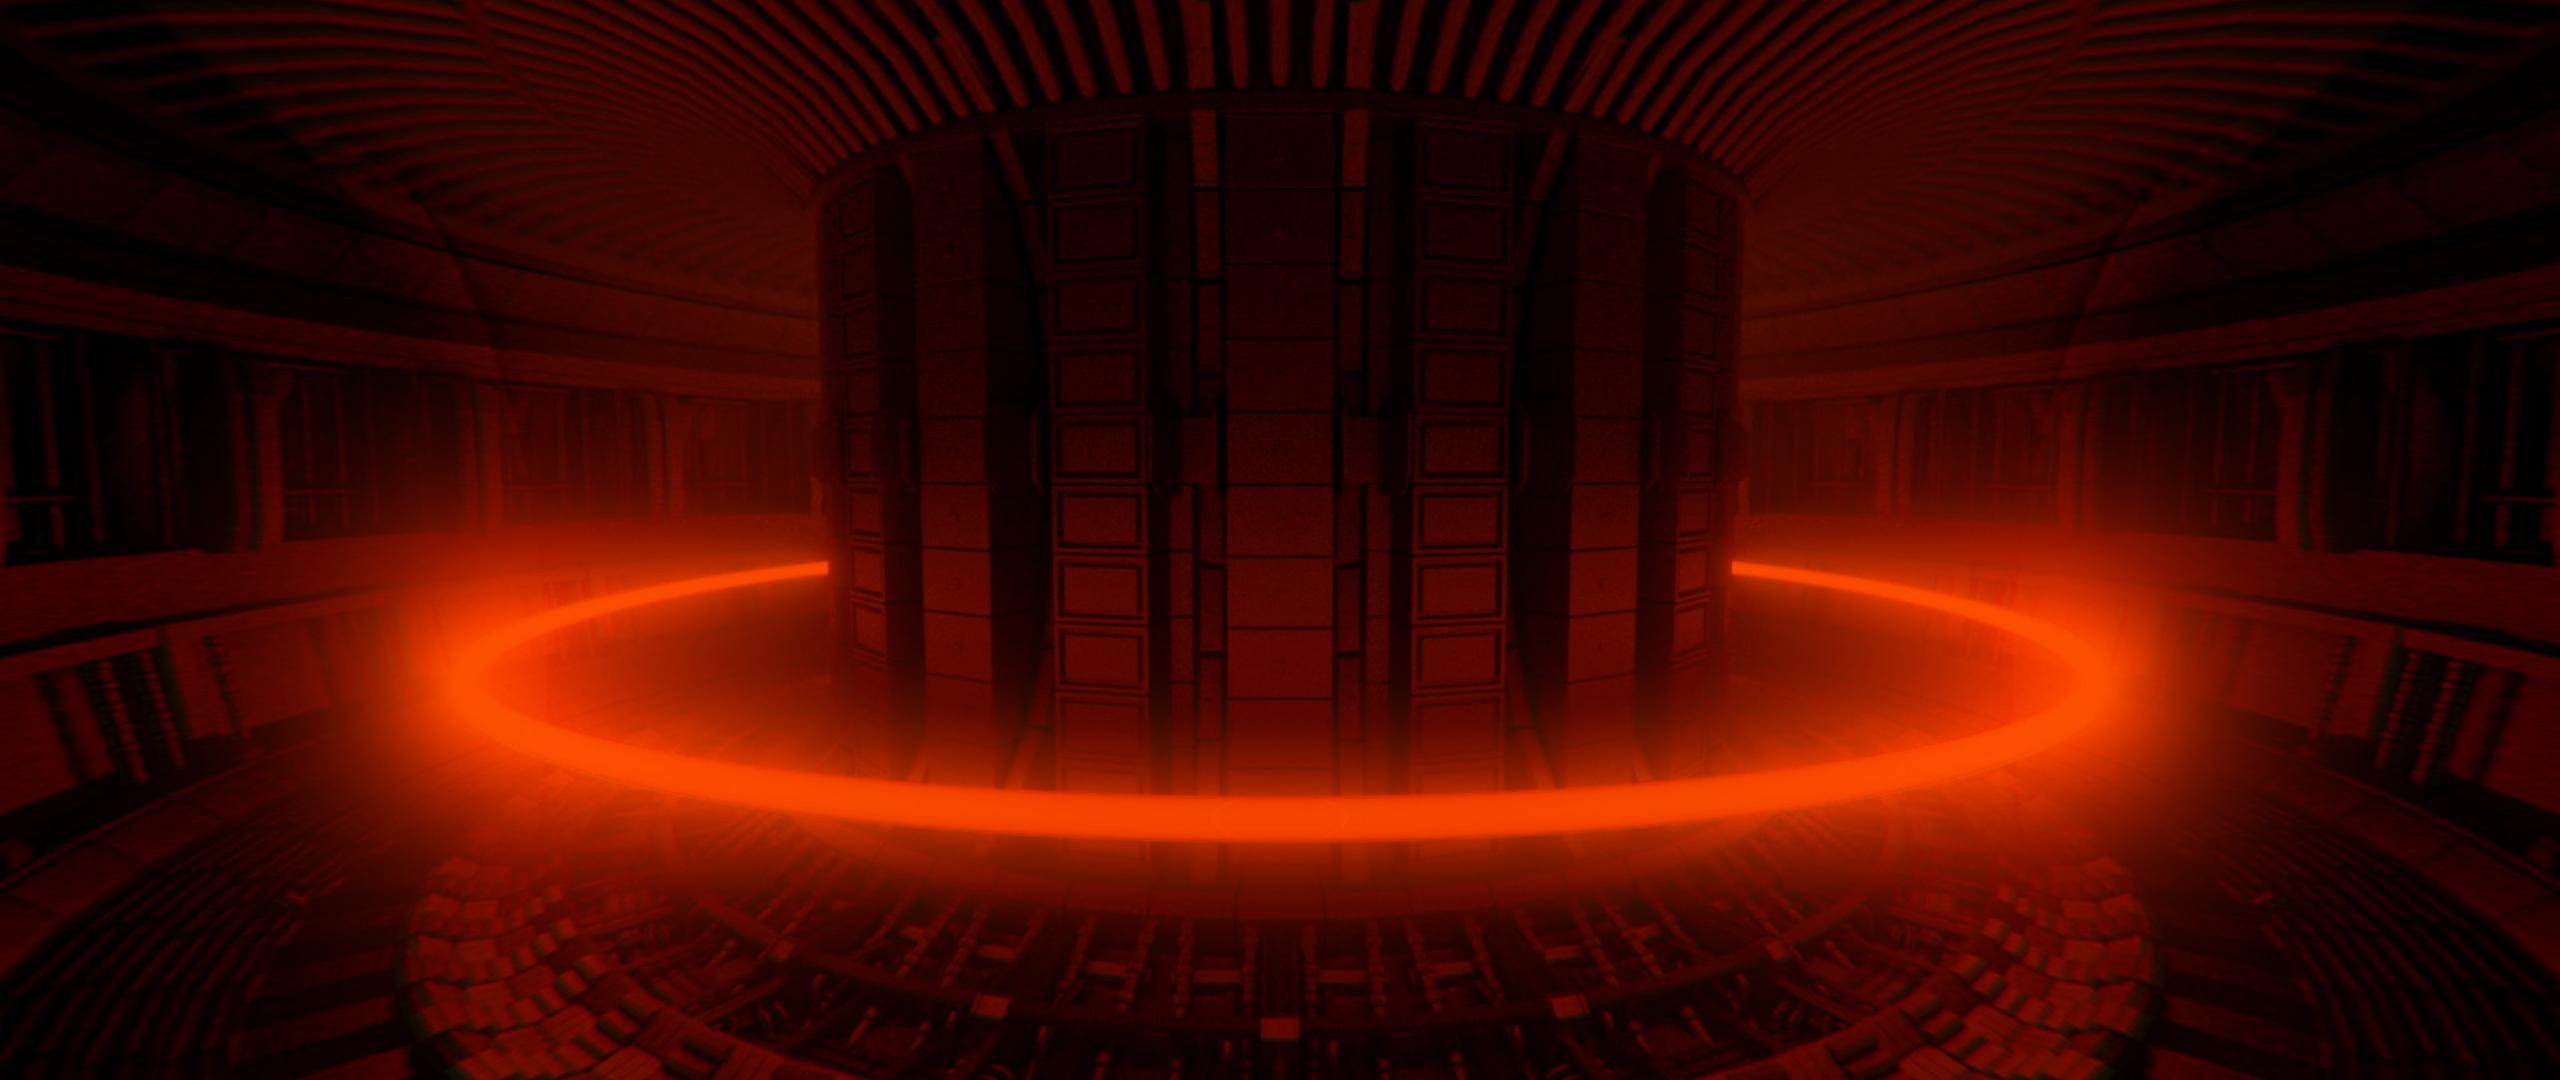 Słońce na smyczy, czyli jak ujarzmić energię fuzji jądrowej?